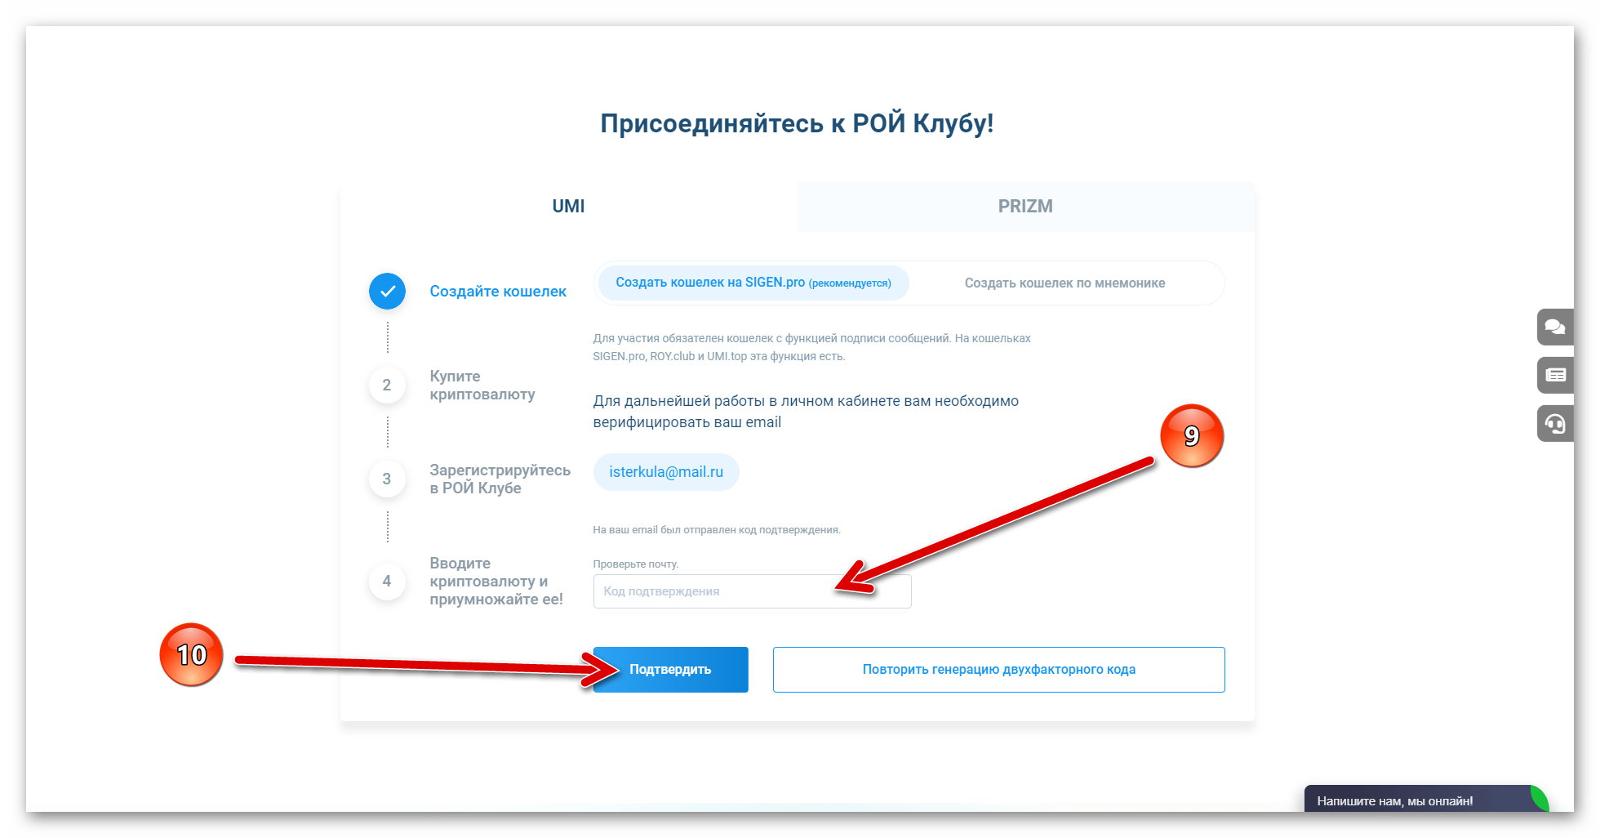 Подтверждение регистрации, в проекте РОЙ Клуб